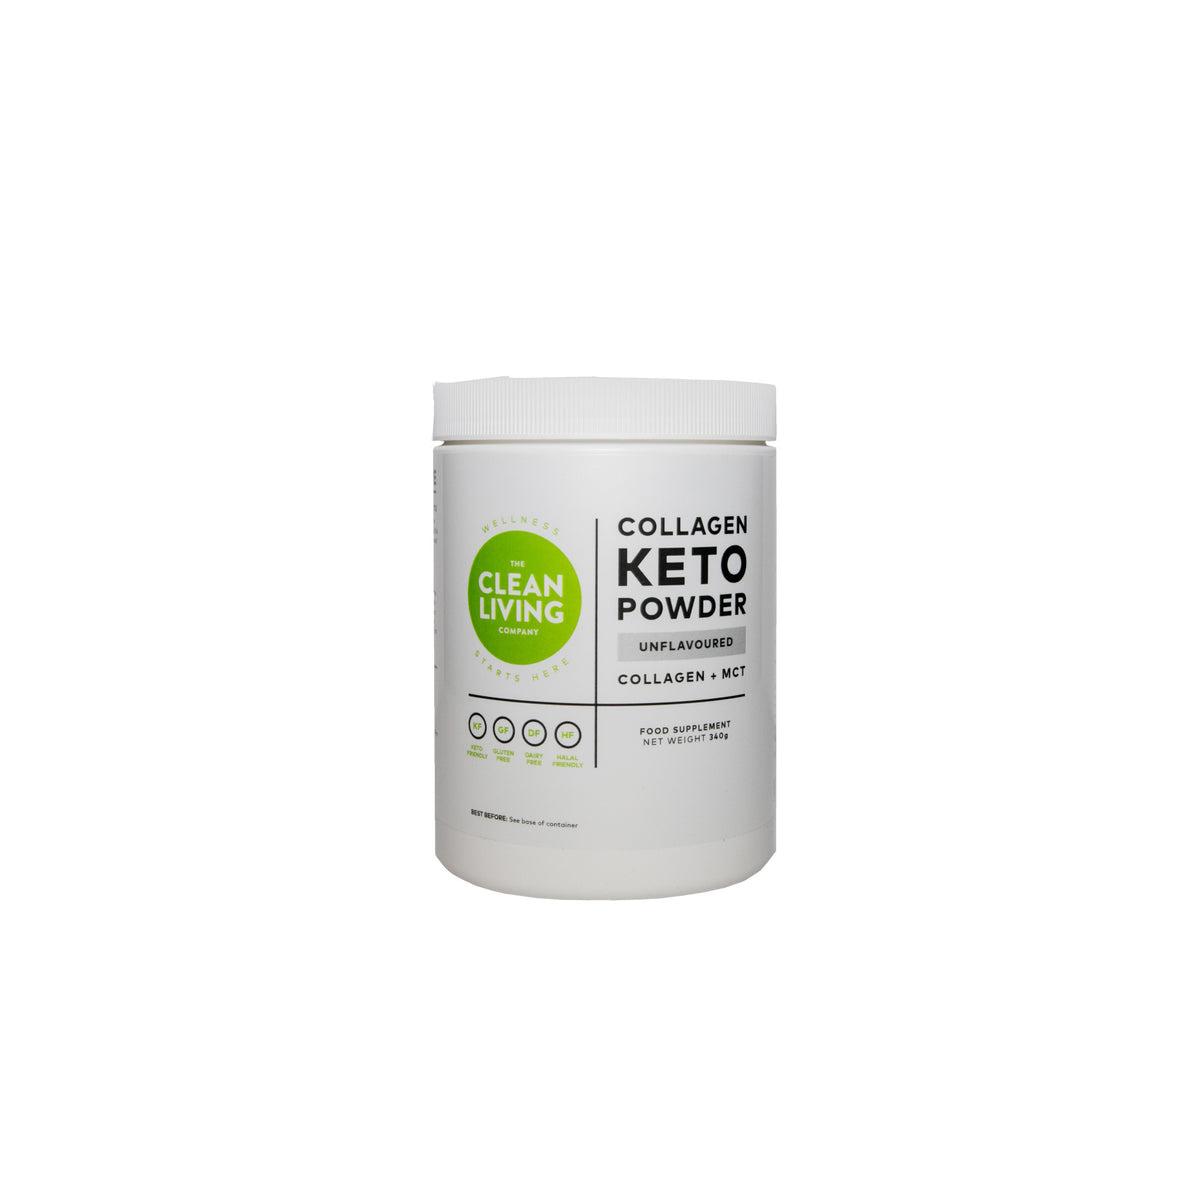 Keto Collagen Powder - ingfit UAE